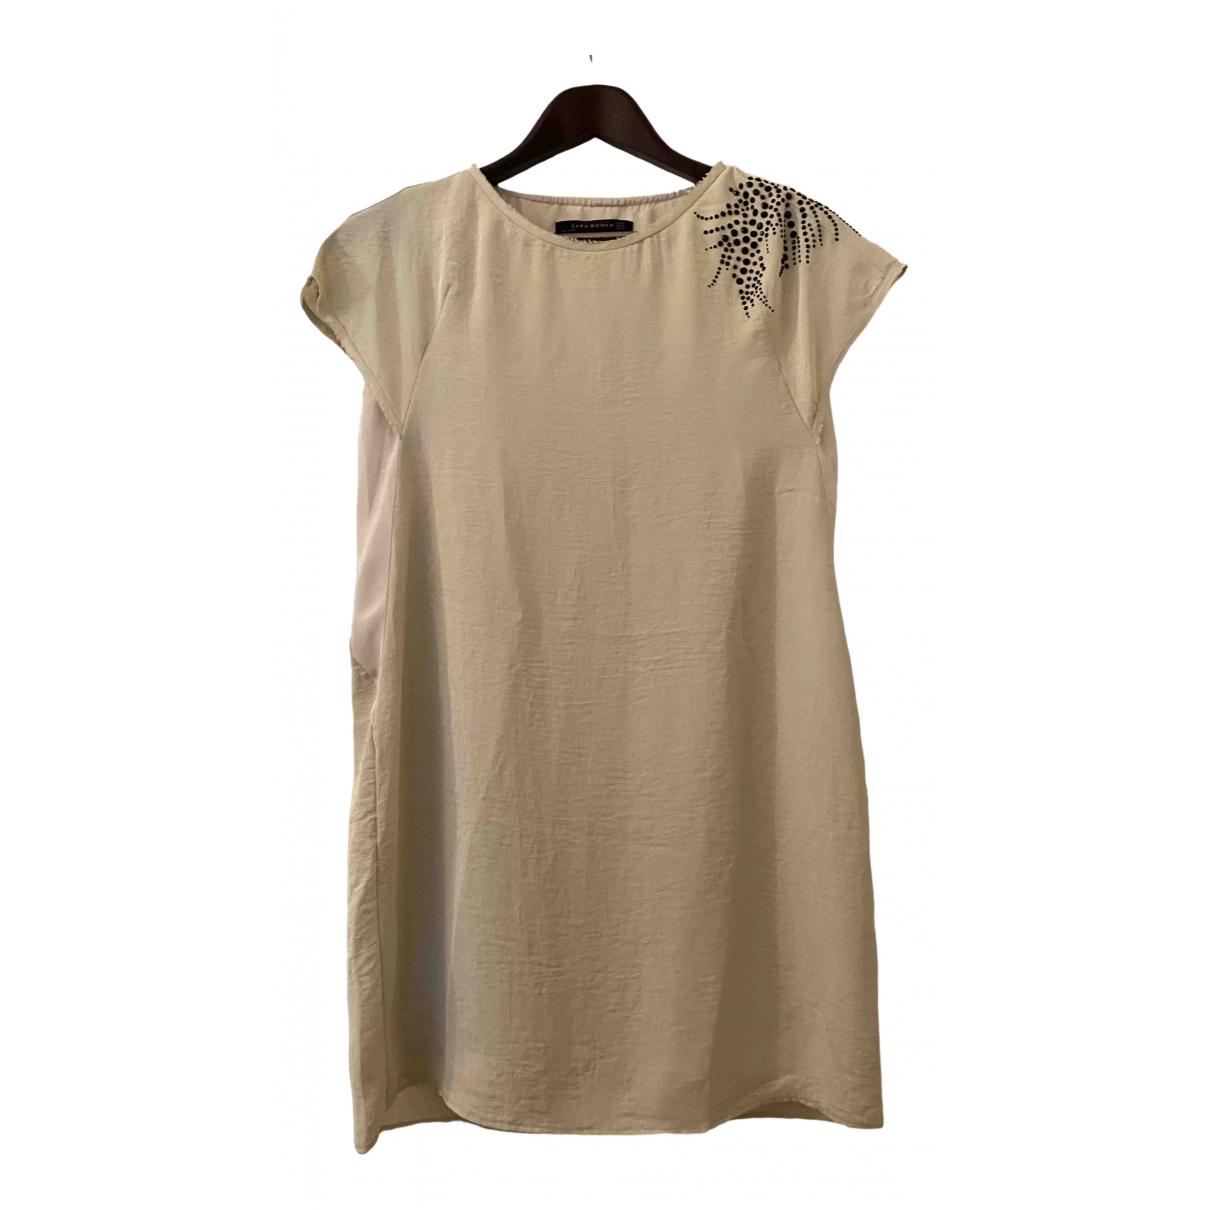 Zara \N Beige dress for Women XS International